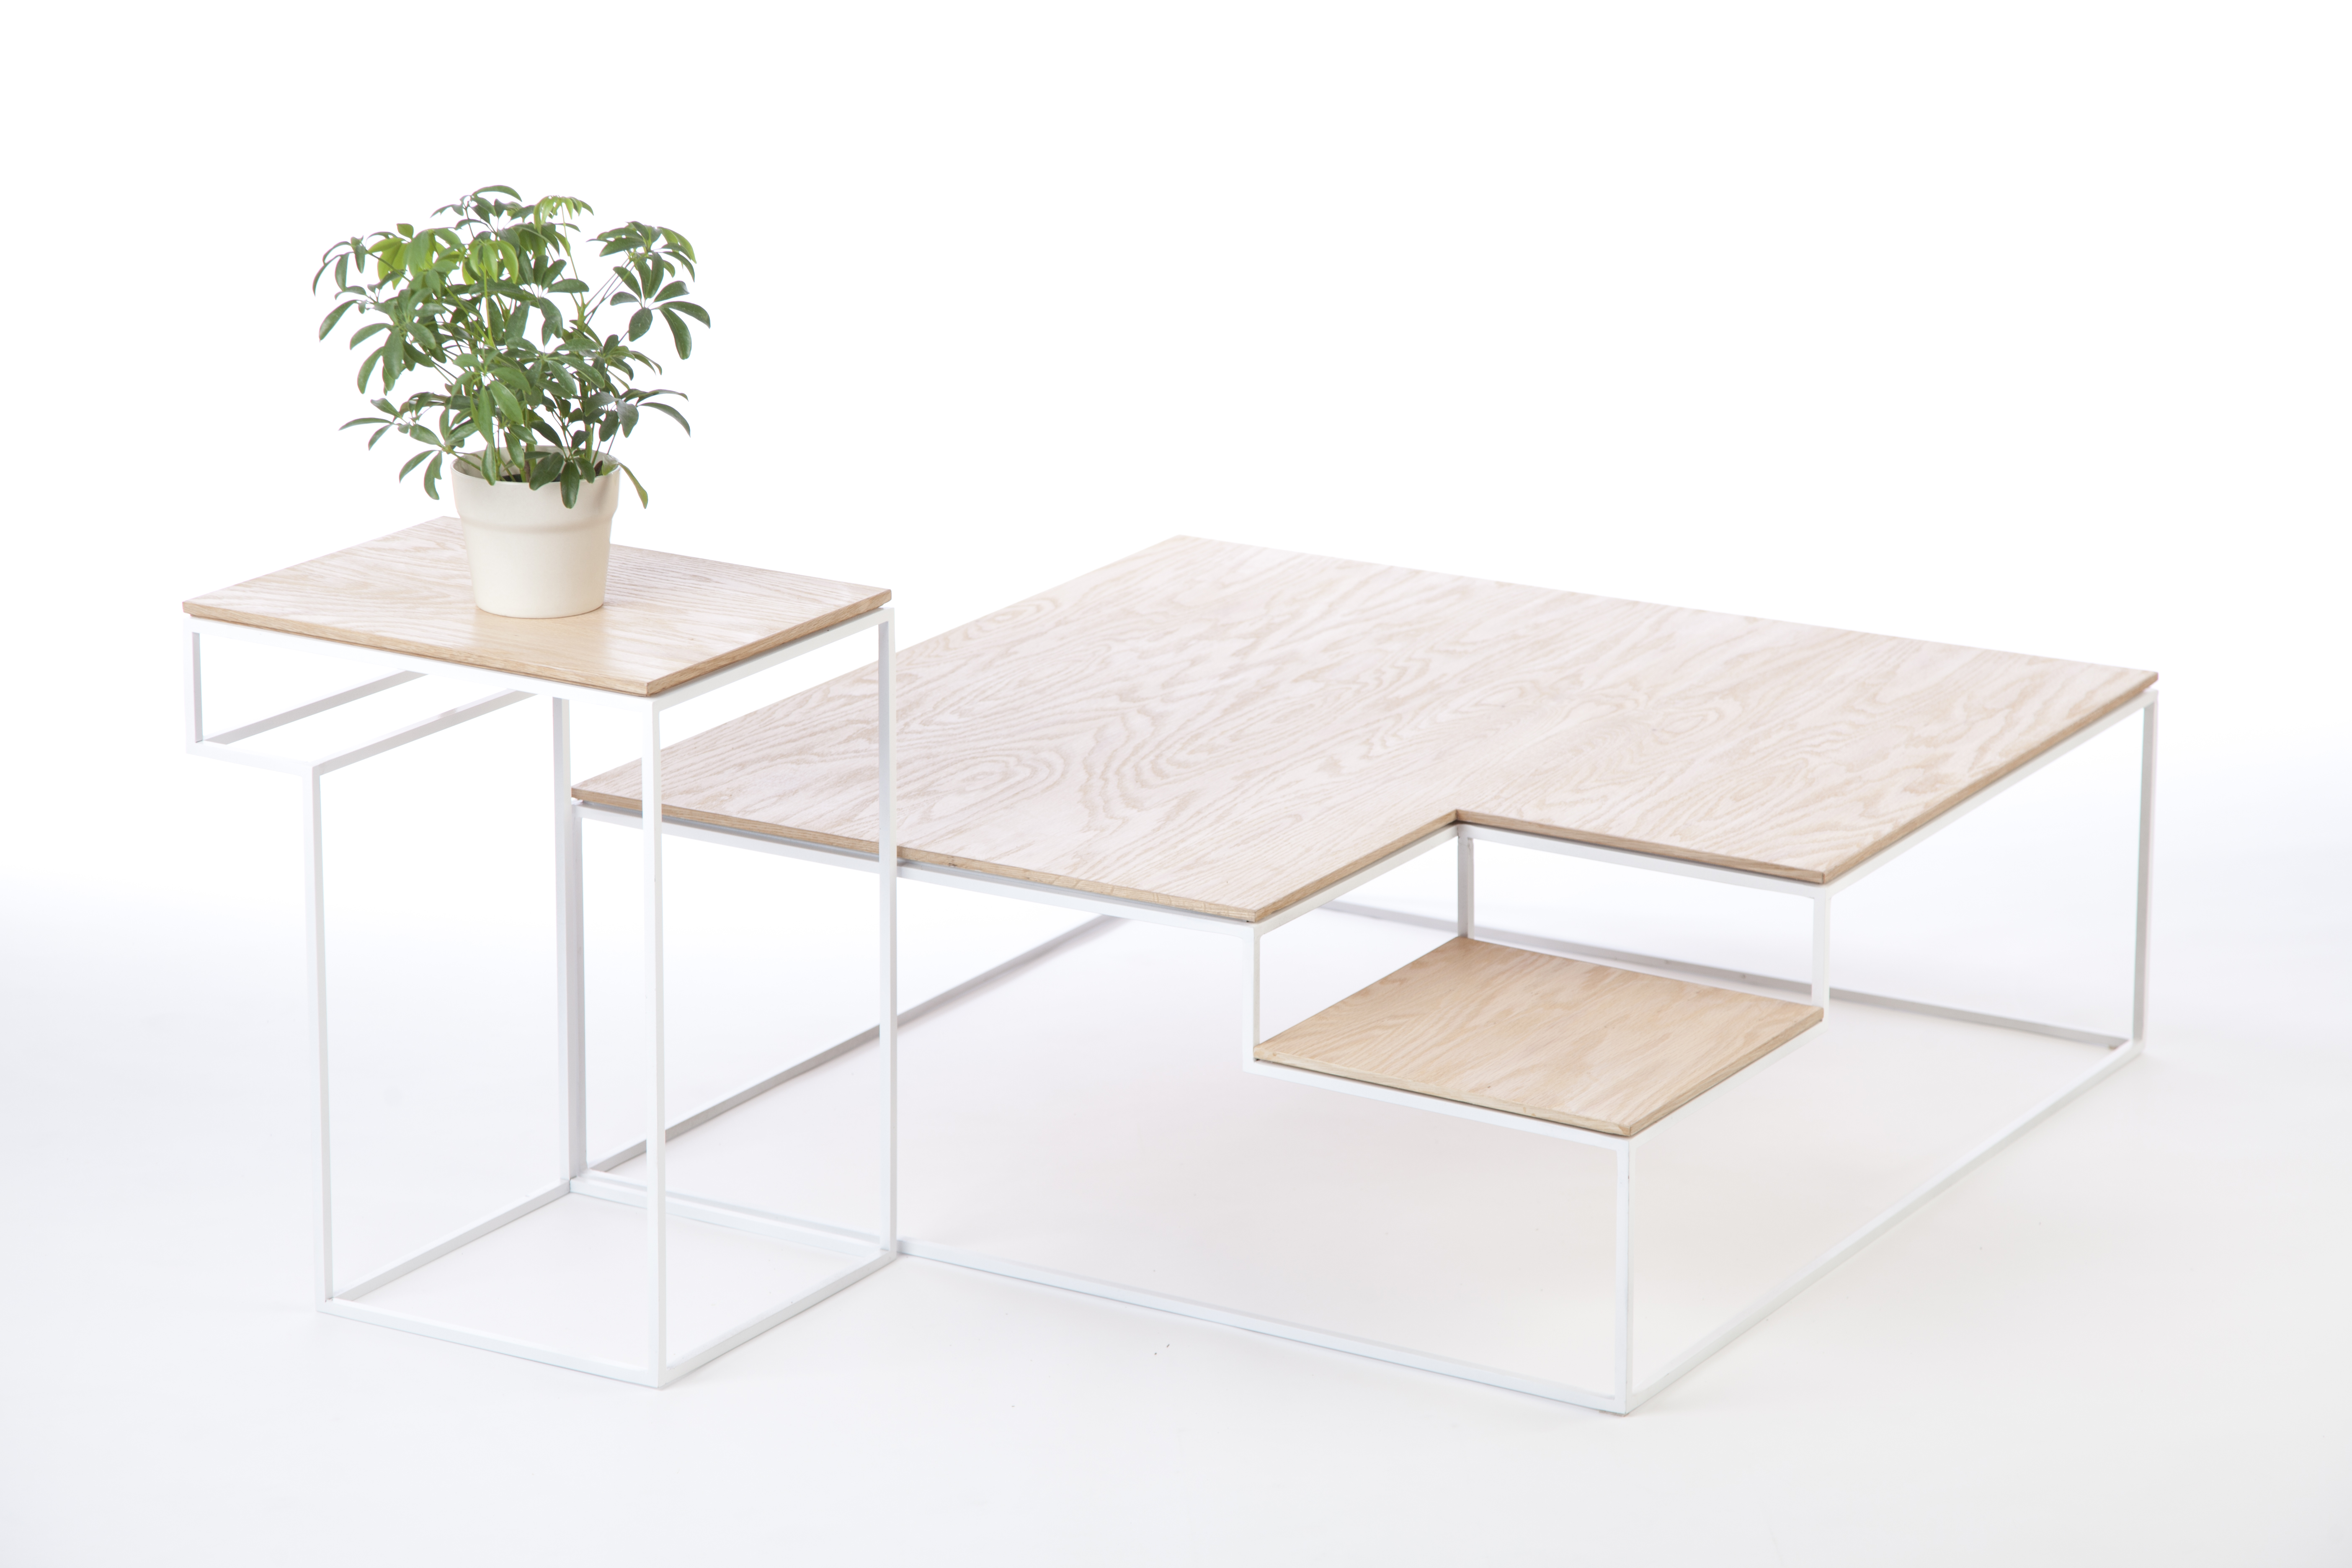 Mesas JU / OD Design, © OD Design